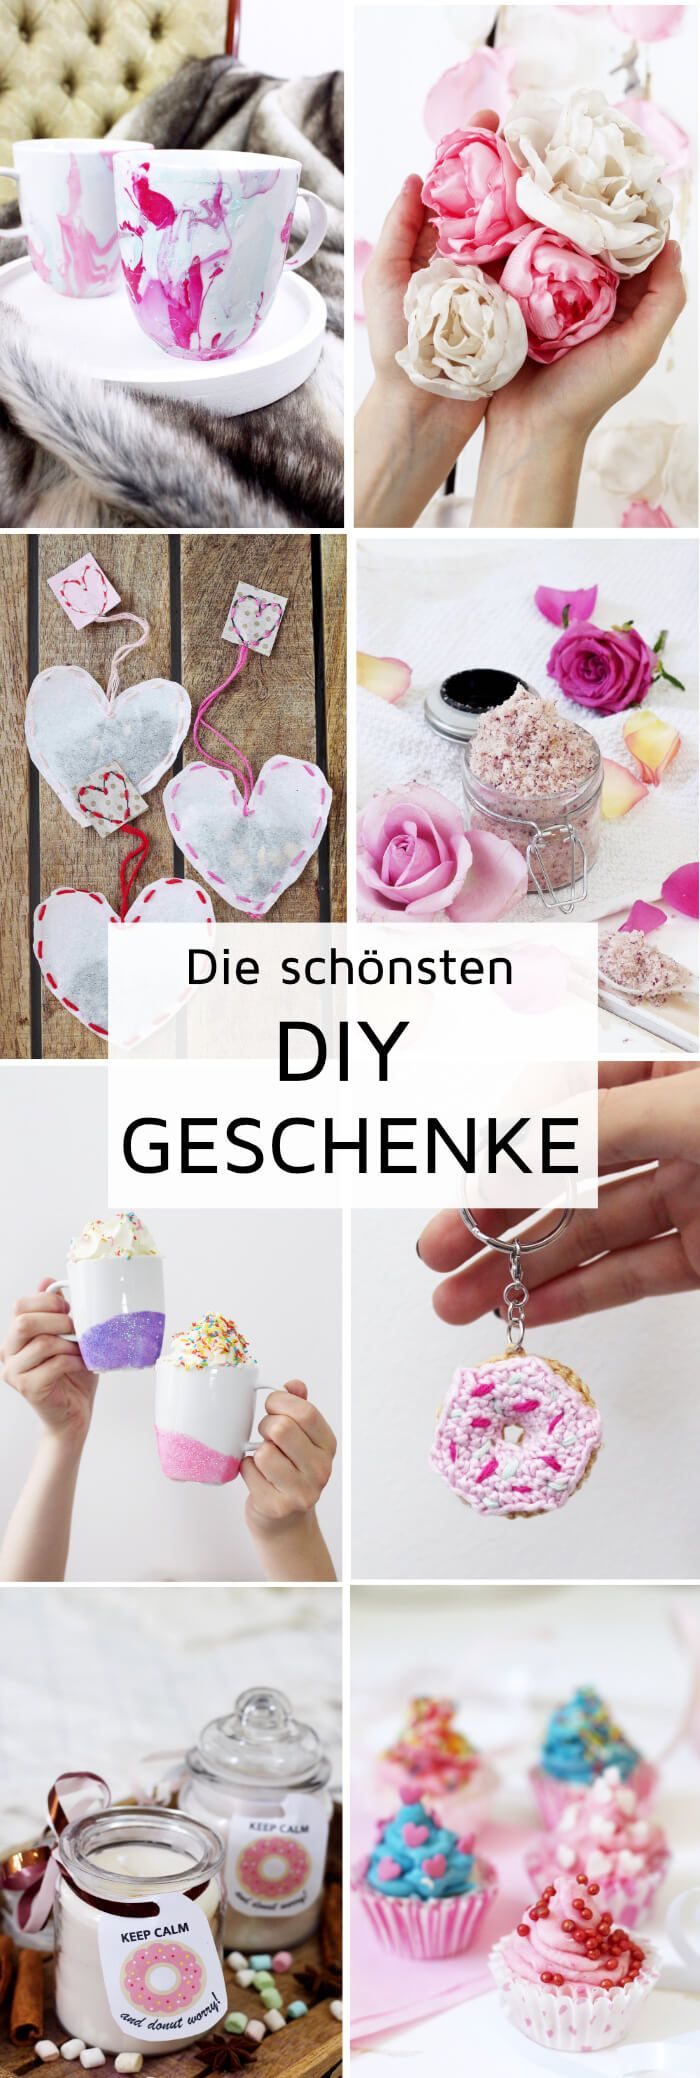 Hochwertig DIY Geschenke Für Weihnachten Selber Machen: Kreative Ideen Für Die Beste  Freundin (Best Gifts